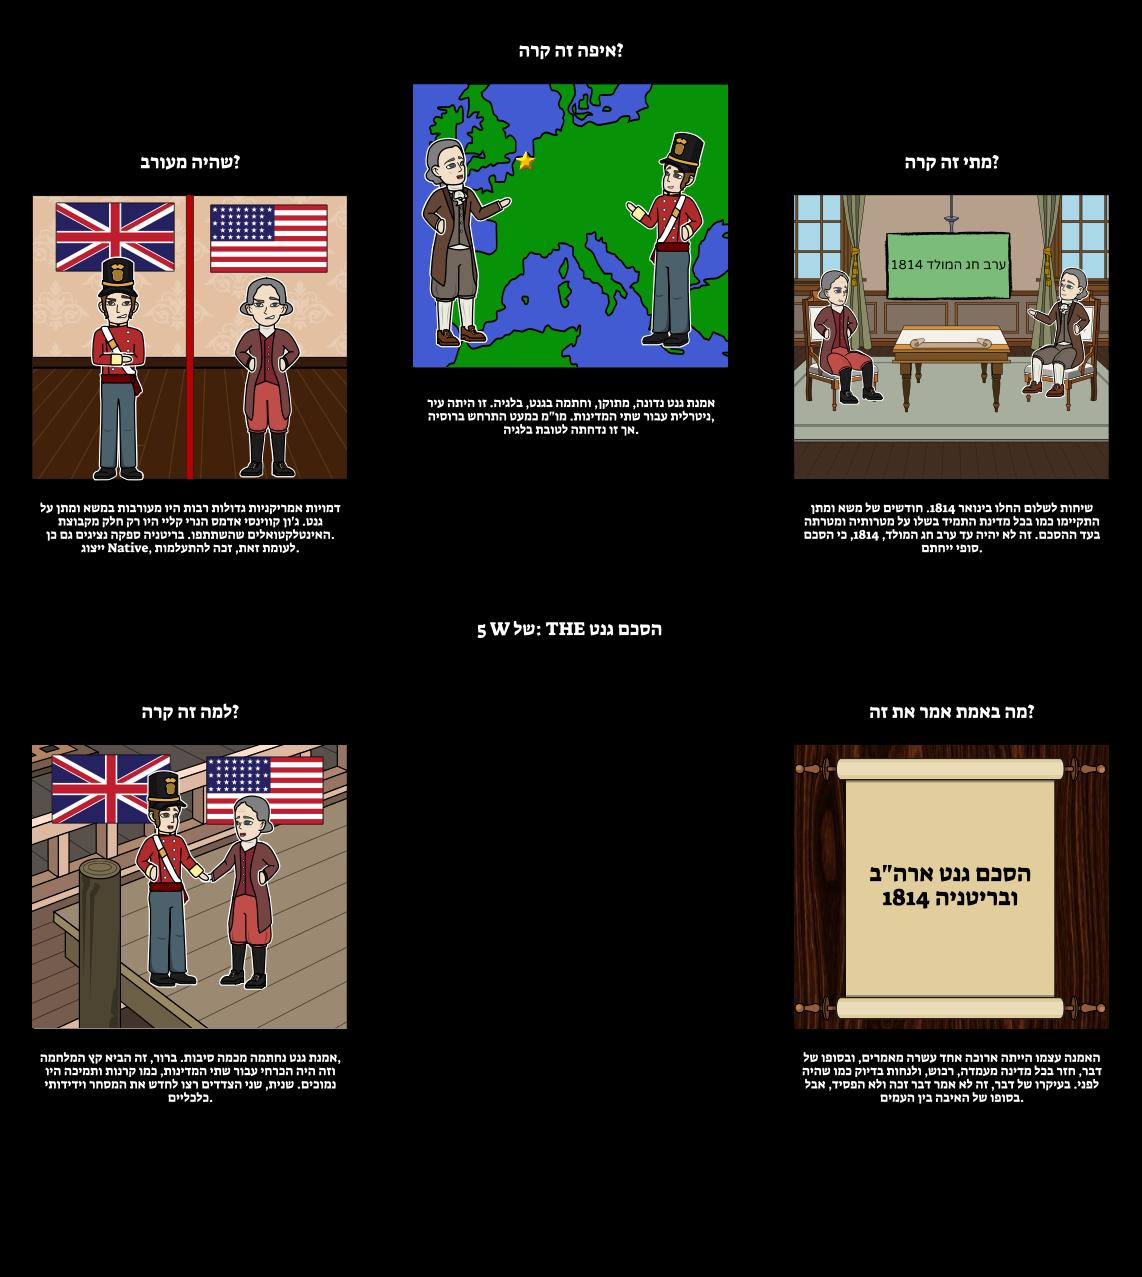 מלחמת 1812 - 5 Ws של הסכם גנט